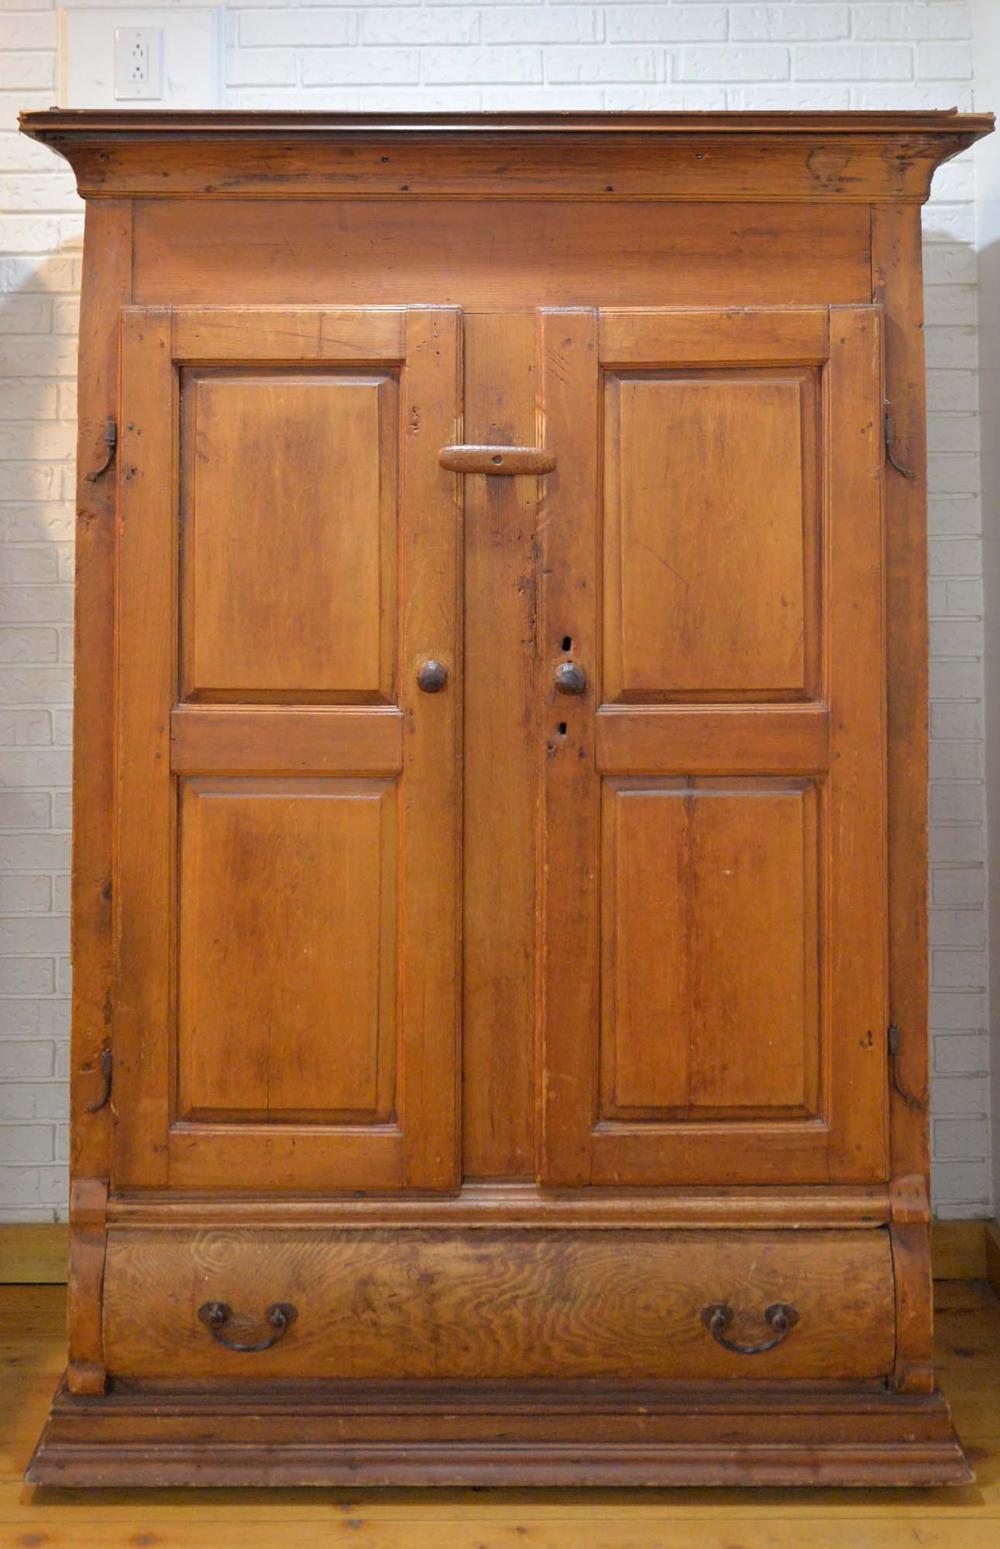 Pine closet / armoire - c.1800-1850